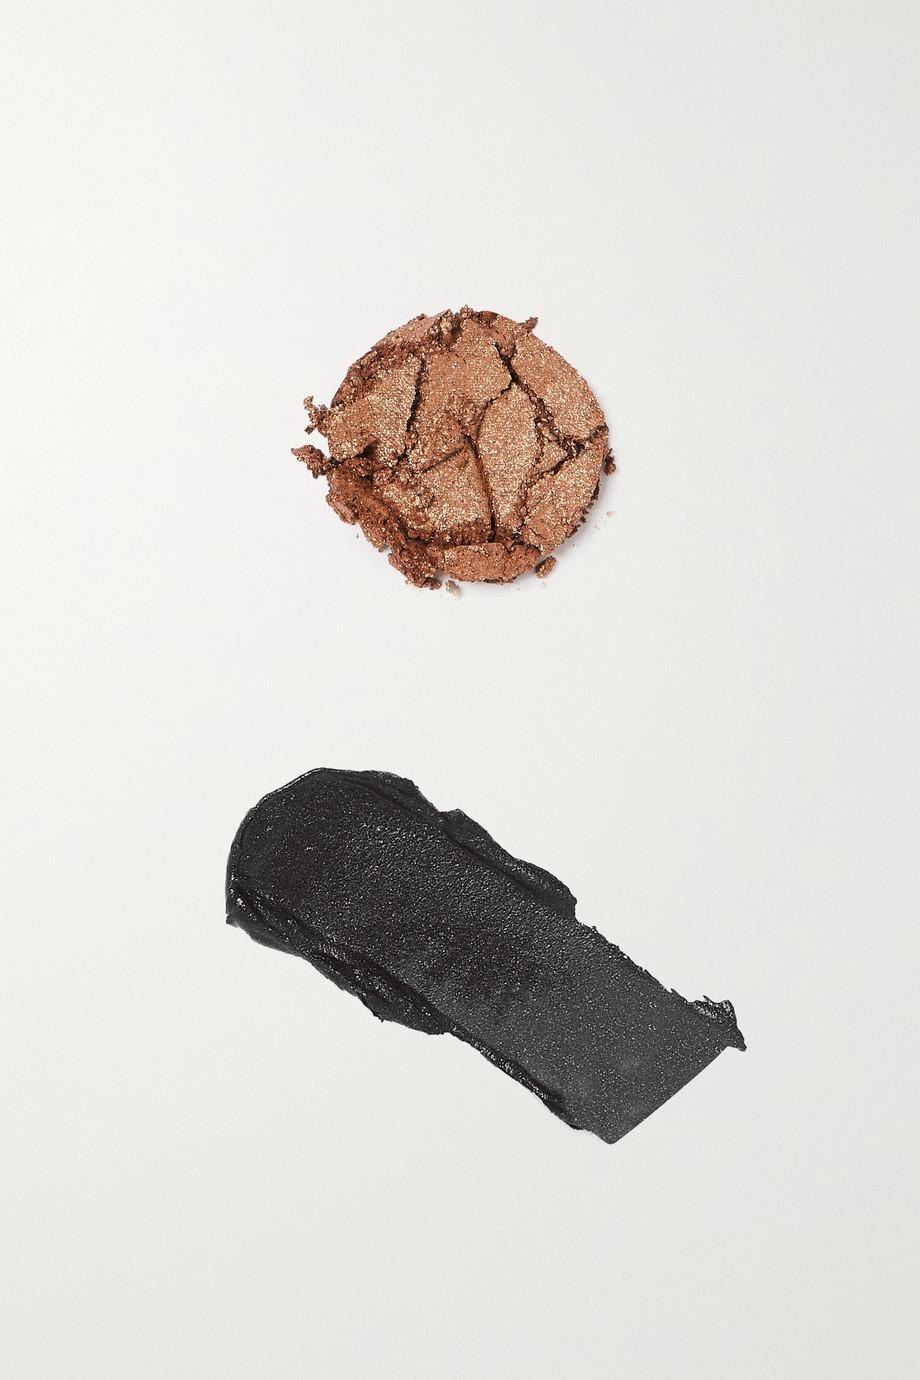 TOM FORD BEAUTY Duo d'ombres à paupières crème et poudre, Black Sand